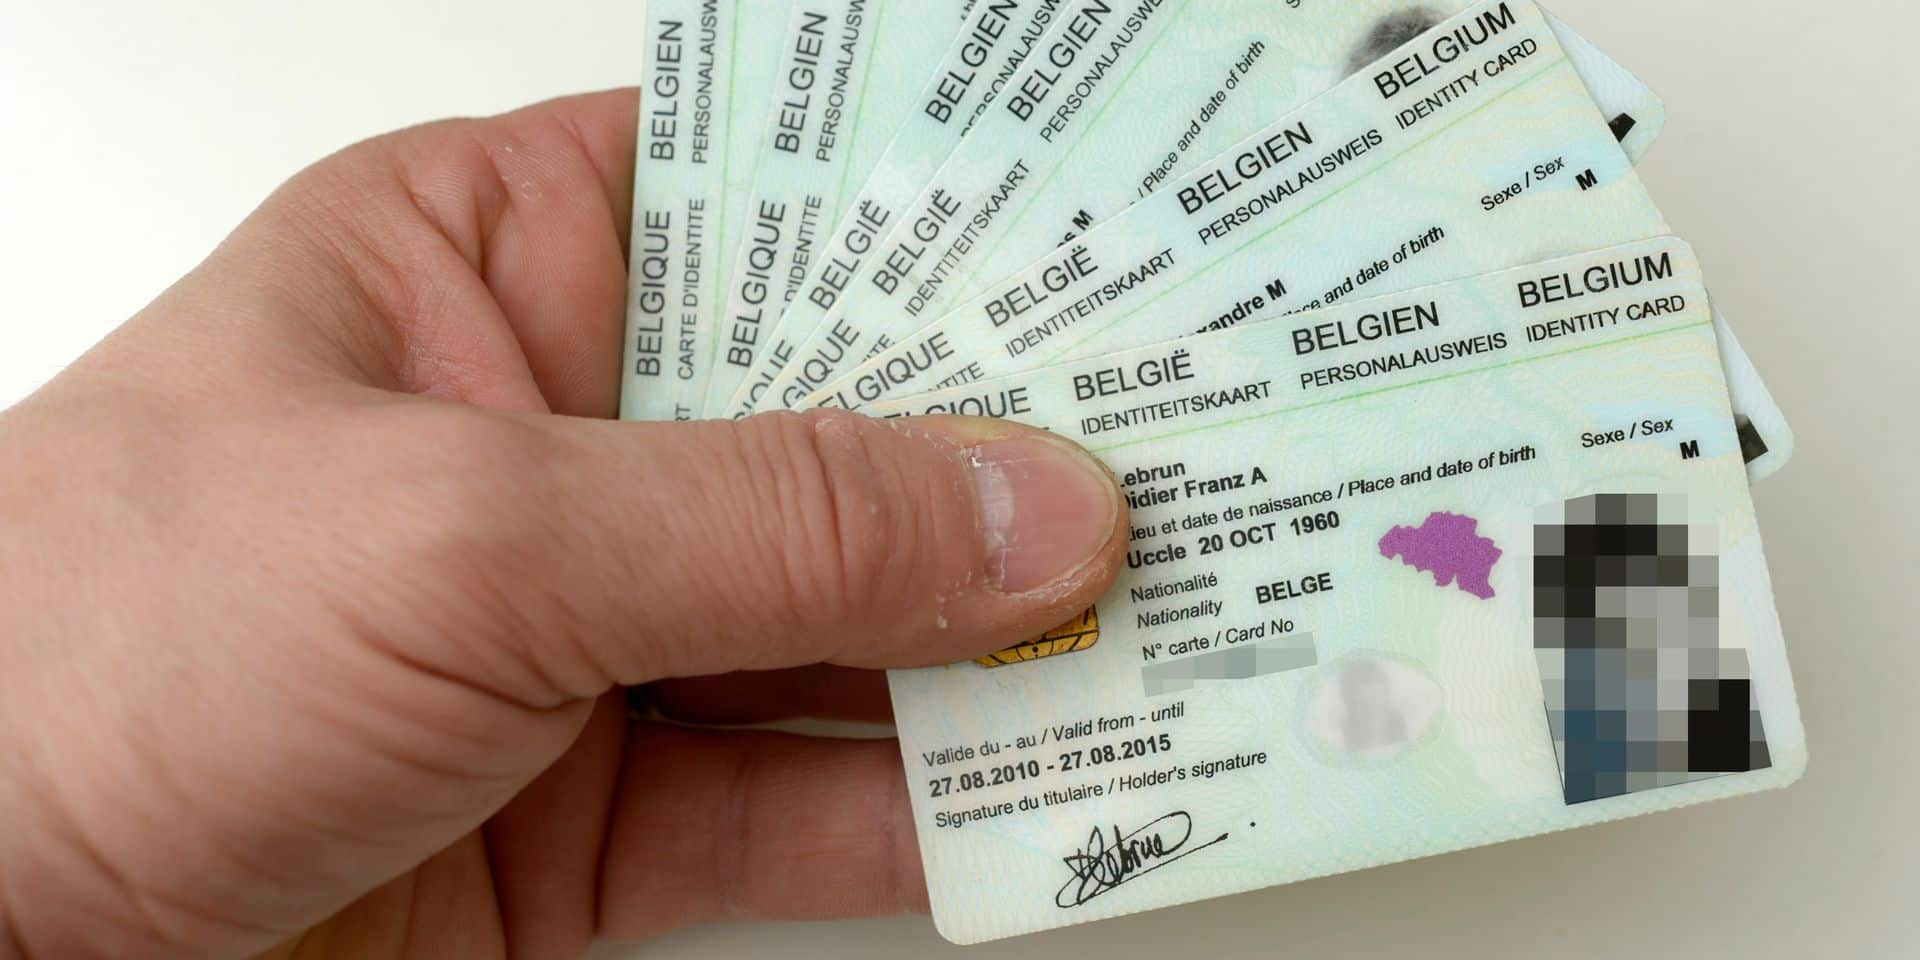 Les empreintes digitales seront ajoutées sur la carte d'identité dès avril 2019: des chercheurs s'en inquiètent